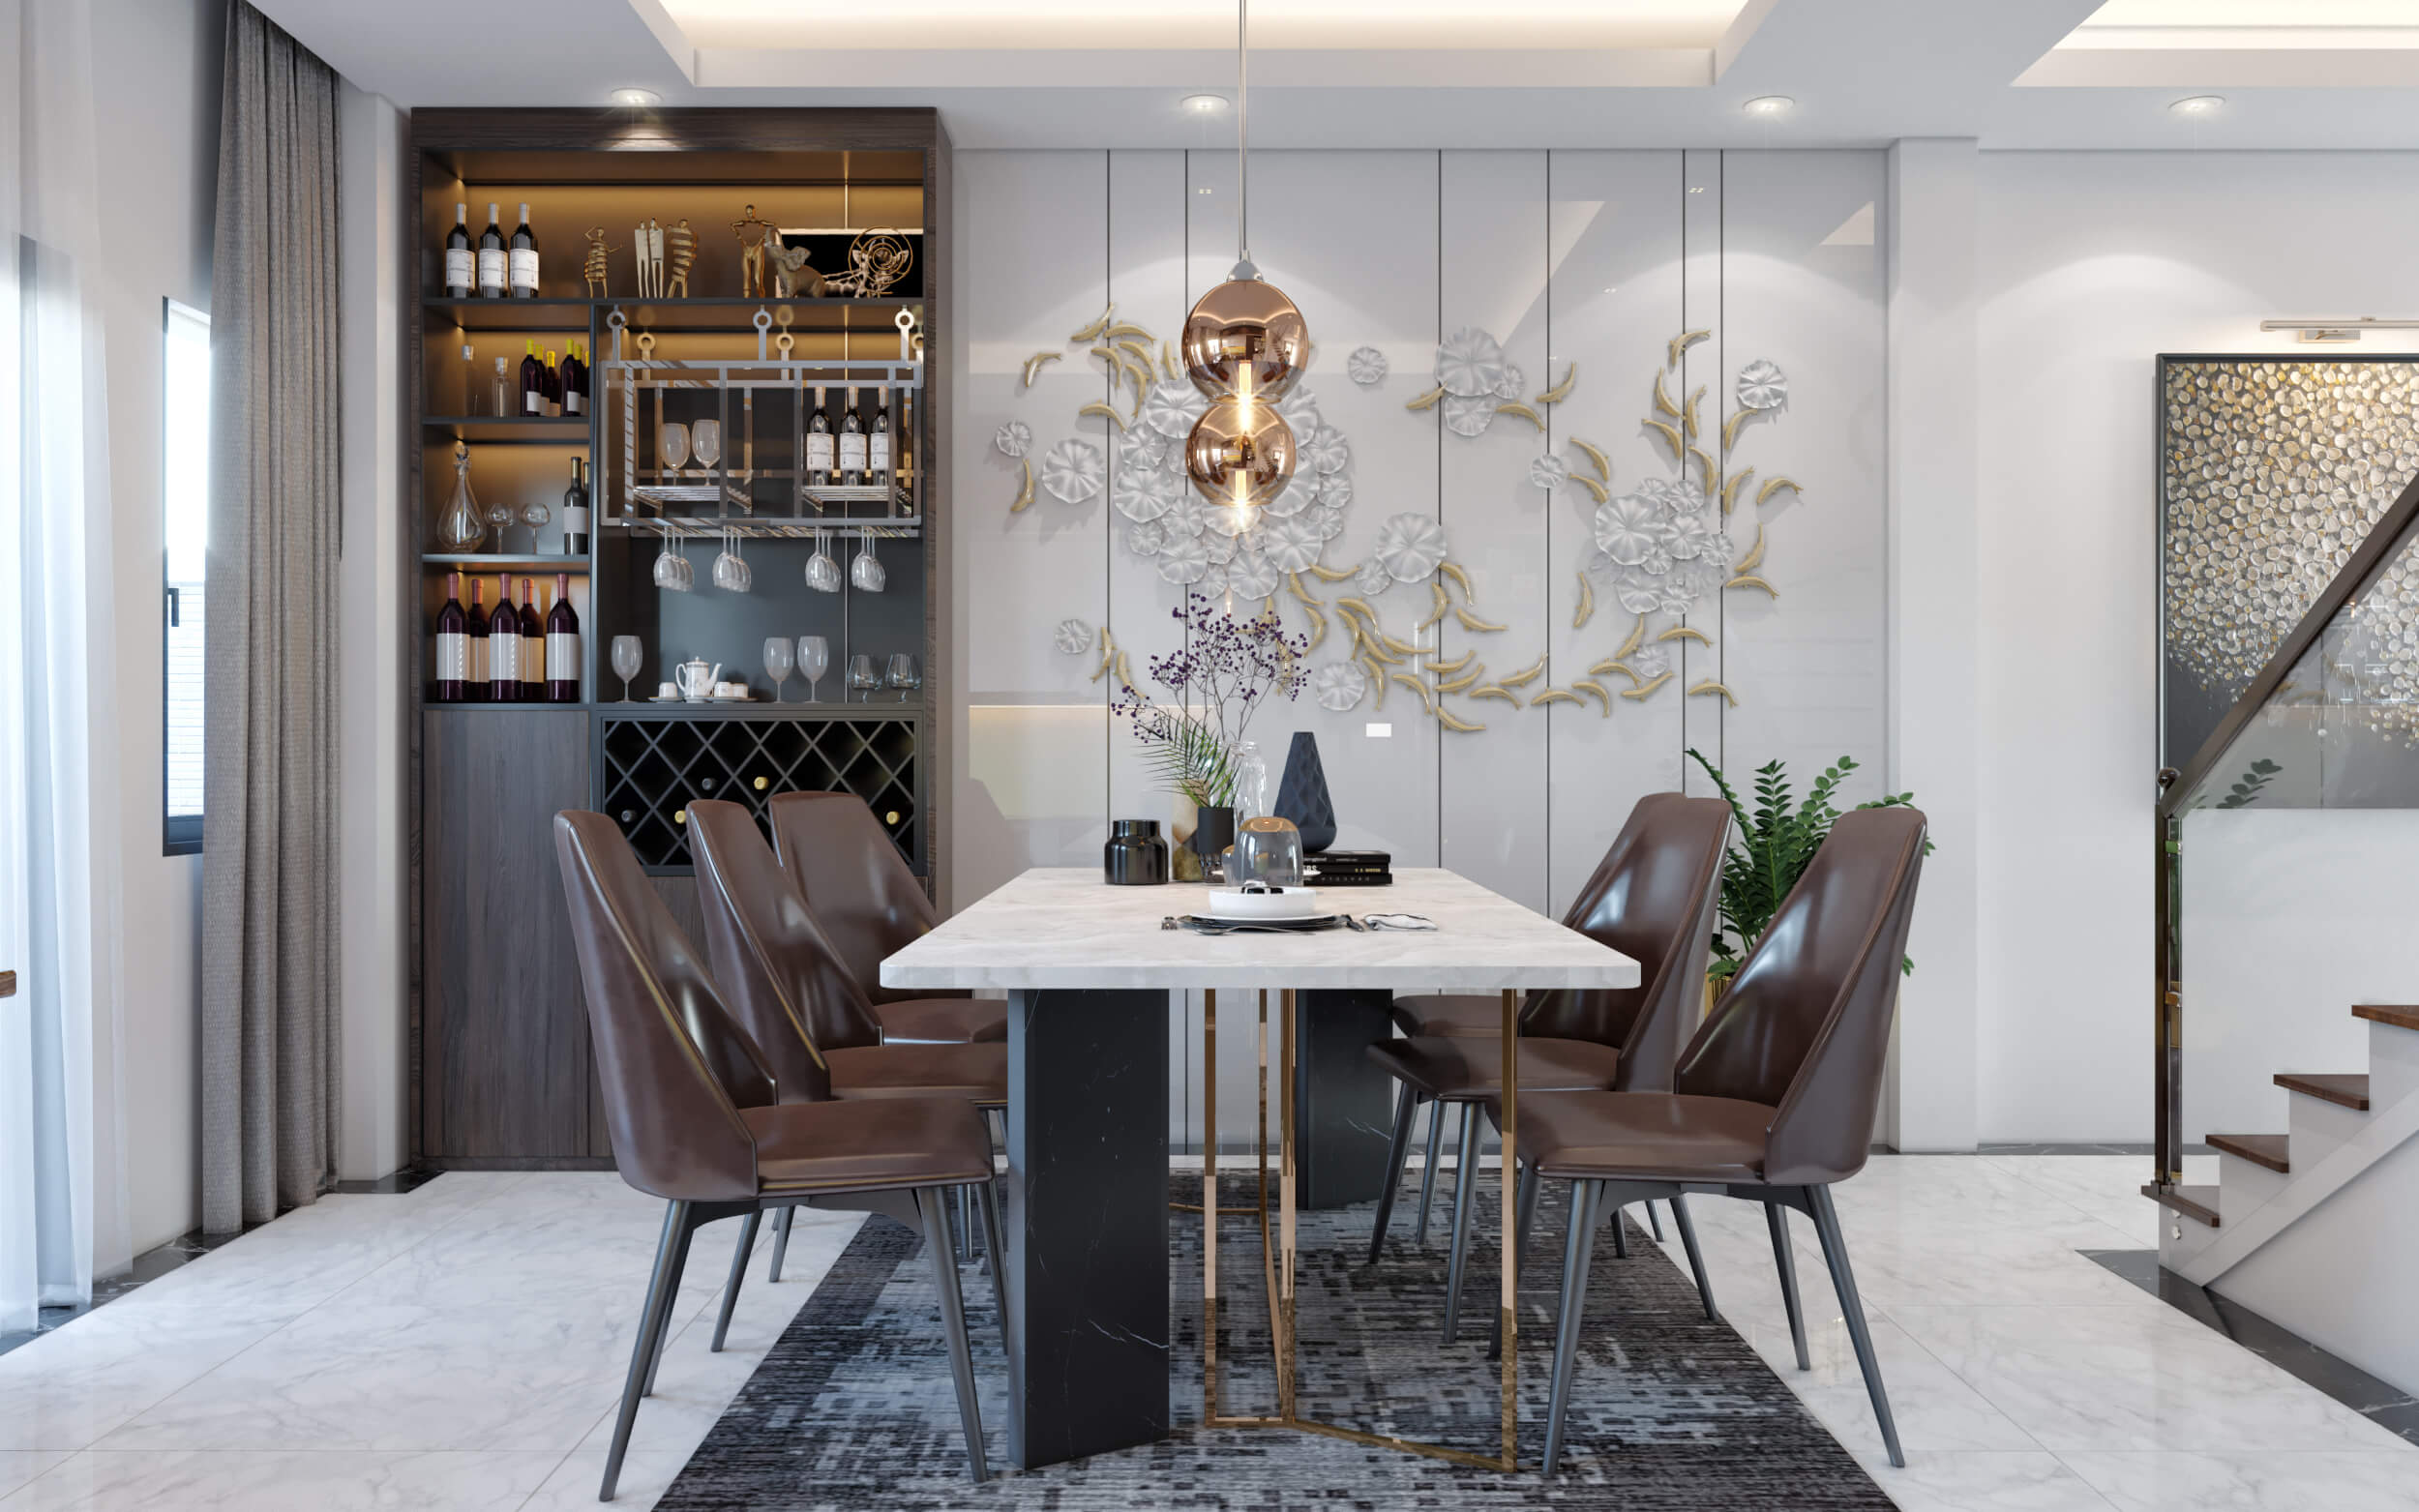 Hình ảnh 3D phòng ăn hiện đại nhà anh Thanh cạnh tủ rượu